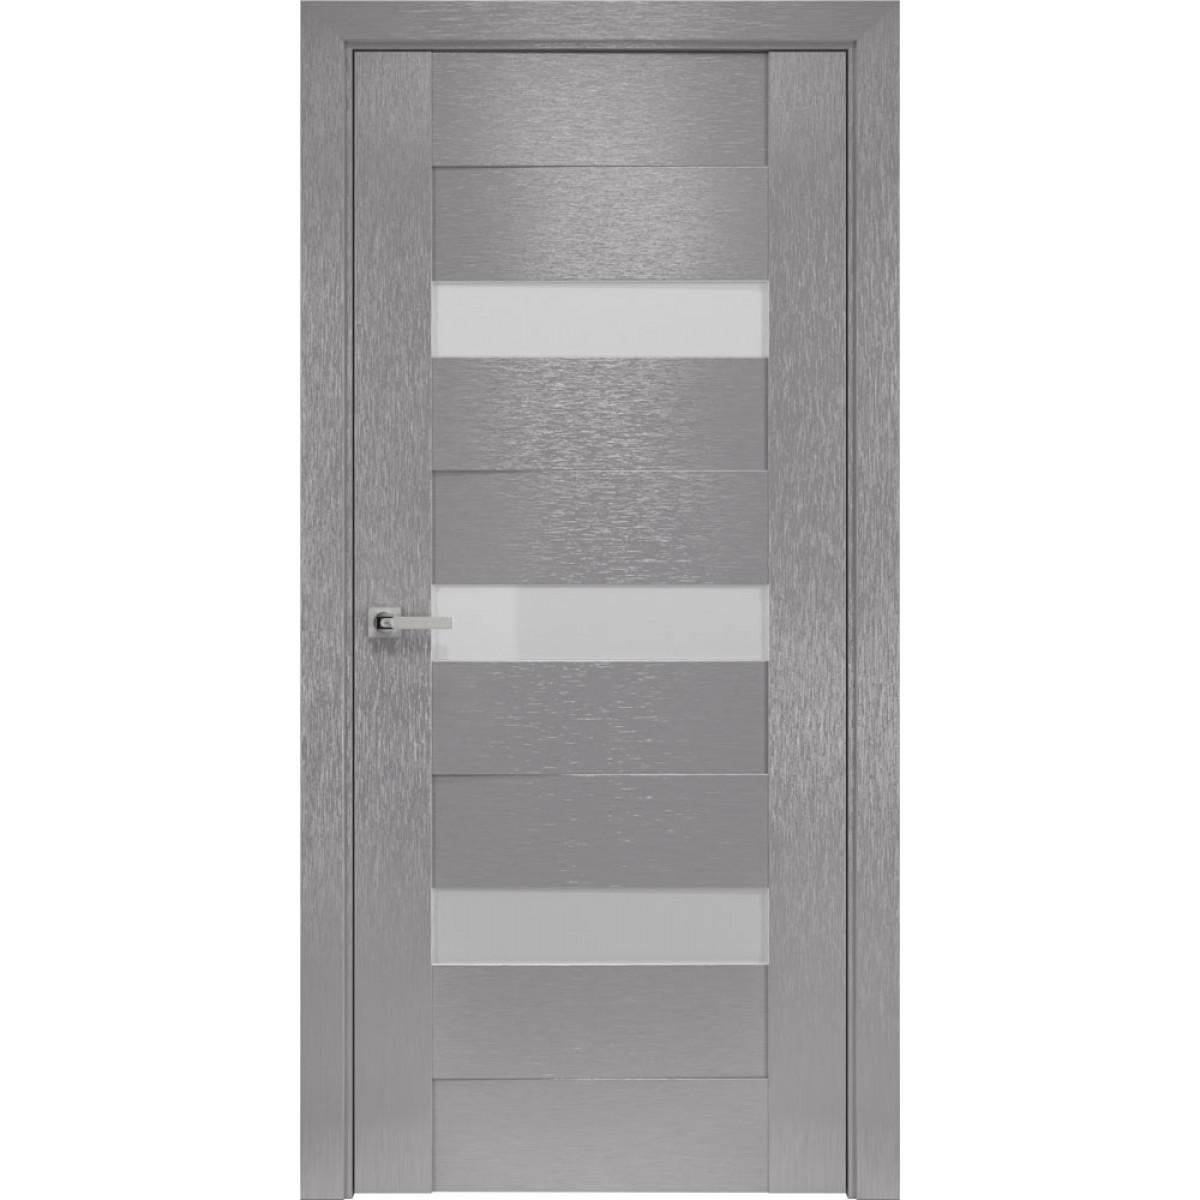 Межкомнатная дверь Вена ПВХ Шолк Новый стиль